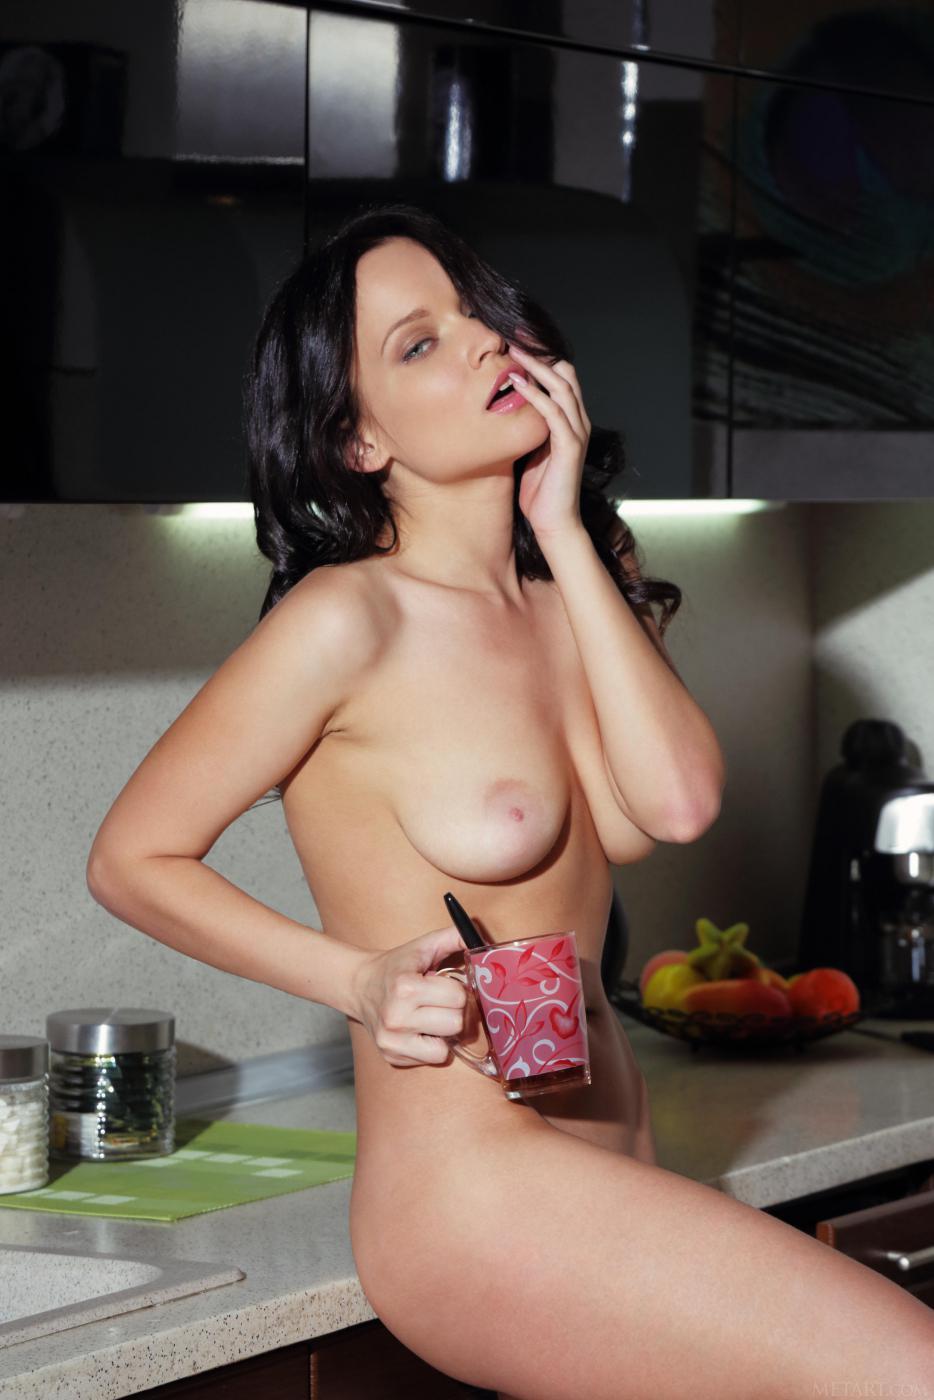 Распущенная брюнетка Marica A в домашних условиях обнажает свою удивительную дыру в домашних условиях